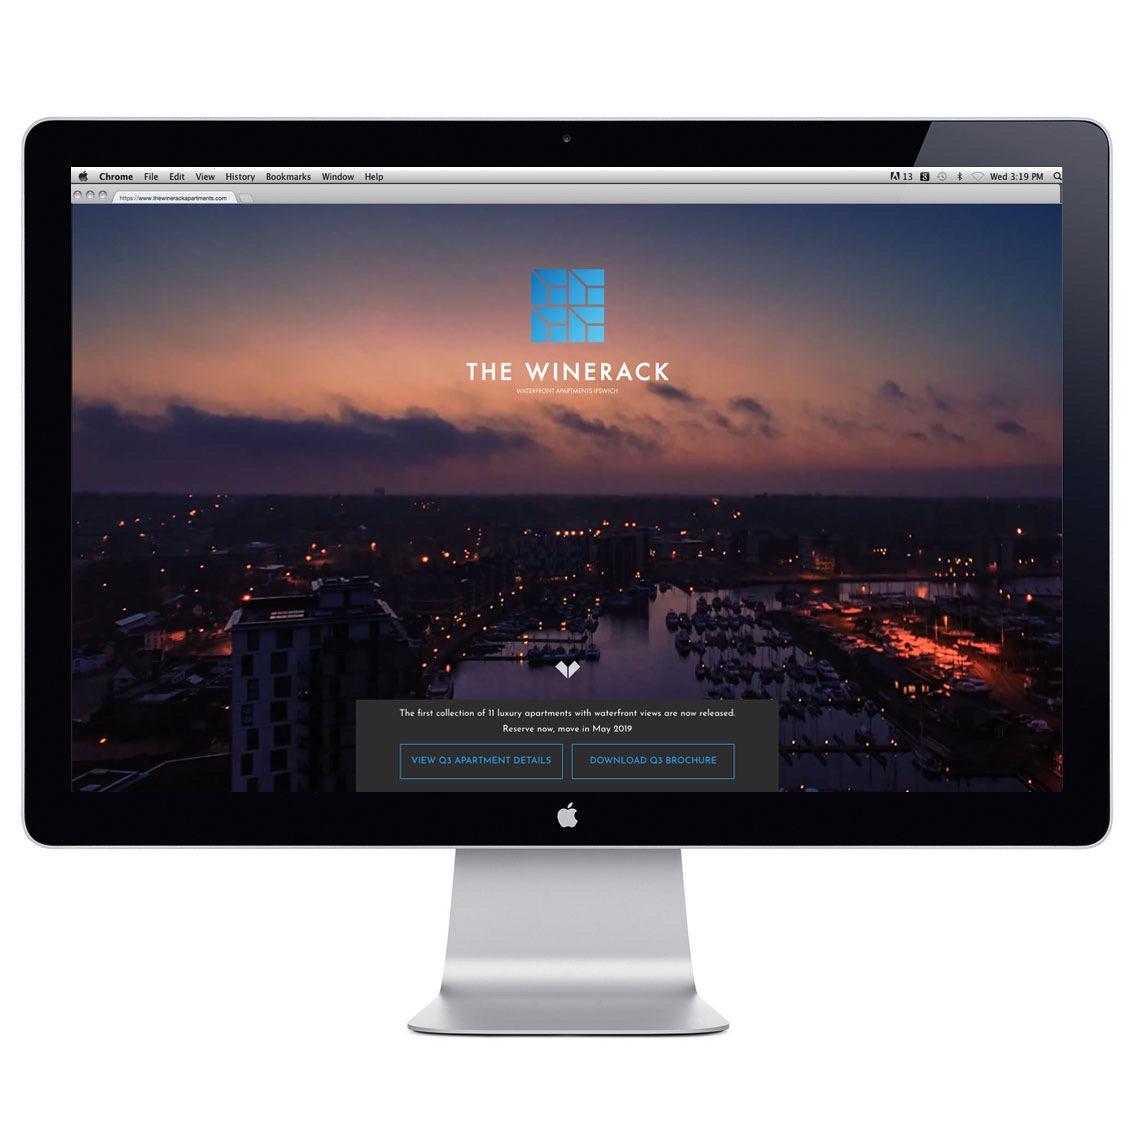 thewinerack_website.jpg